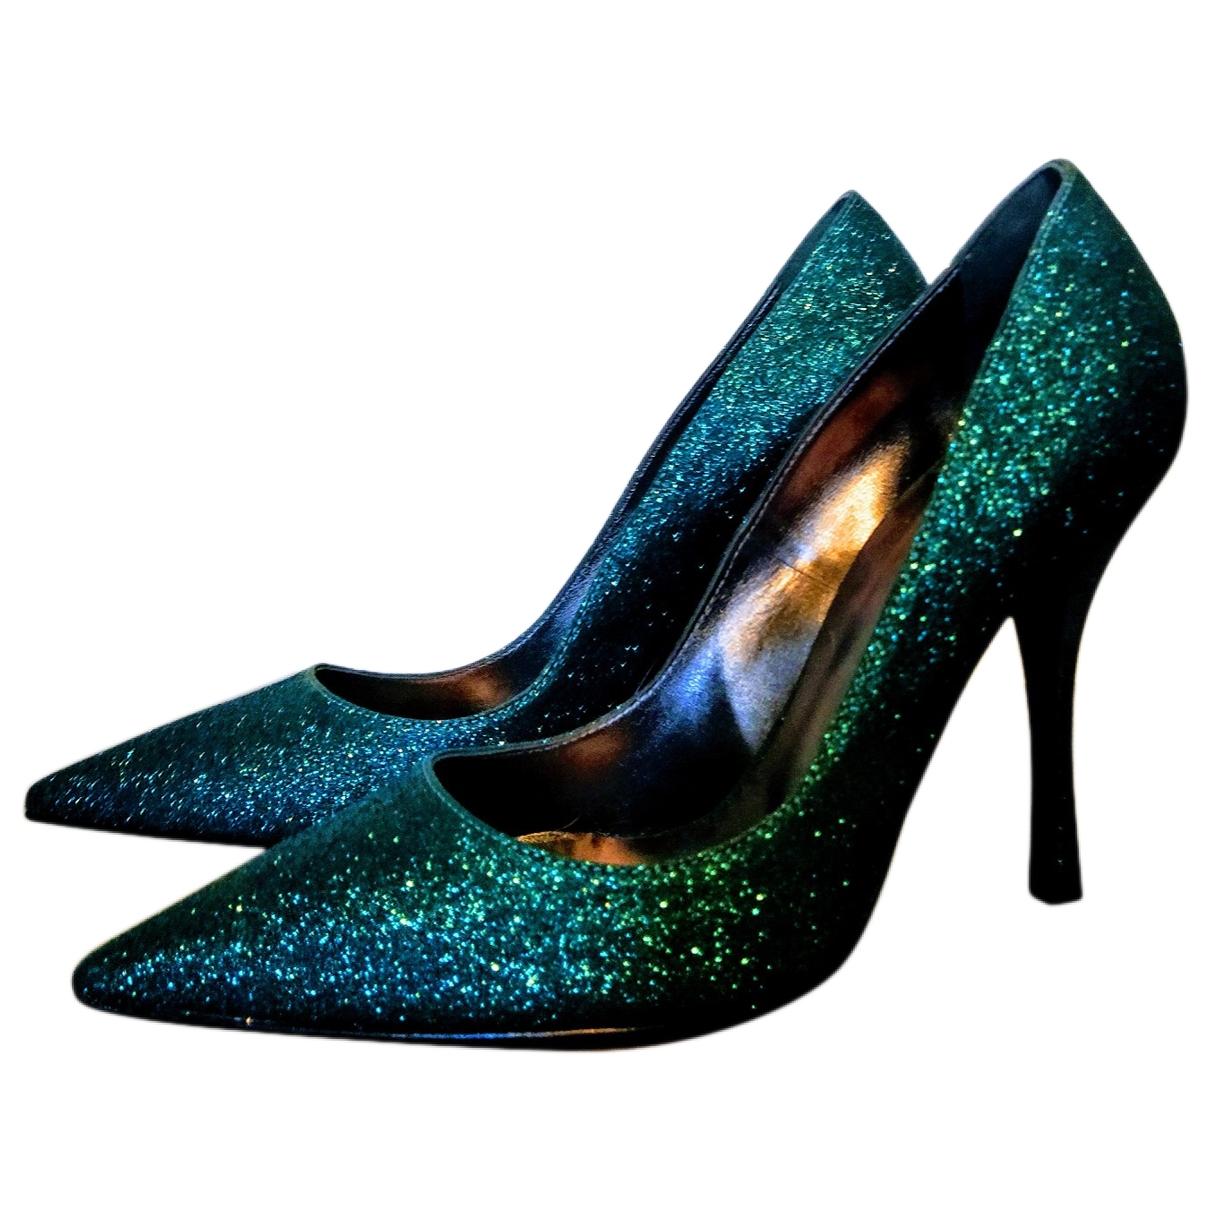 Dsquared2 - Escarpins   pour femme en a paillettes - turquoise